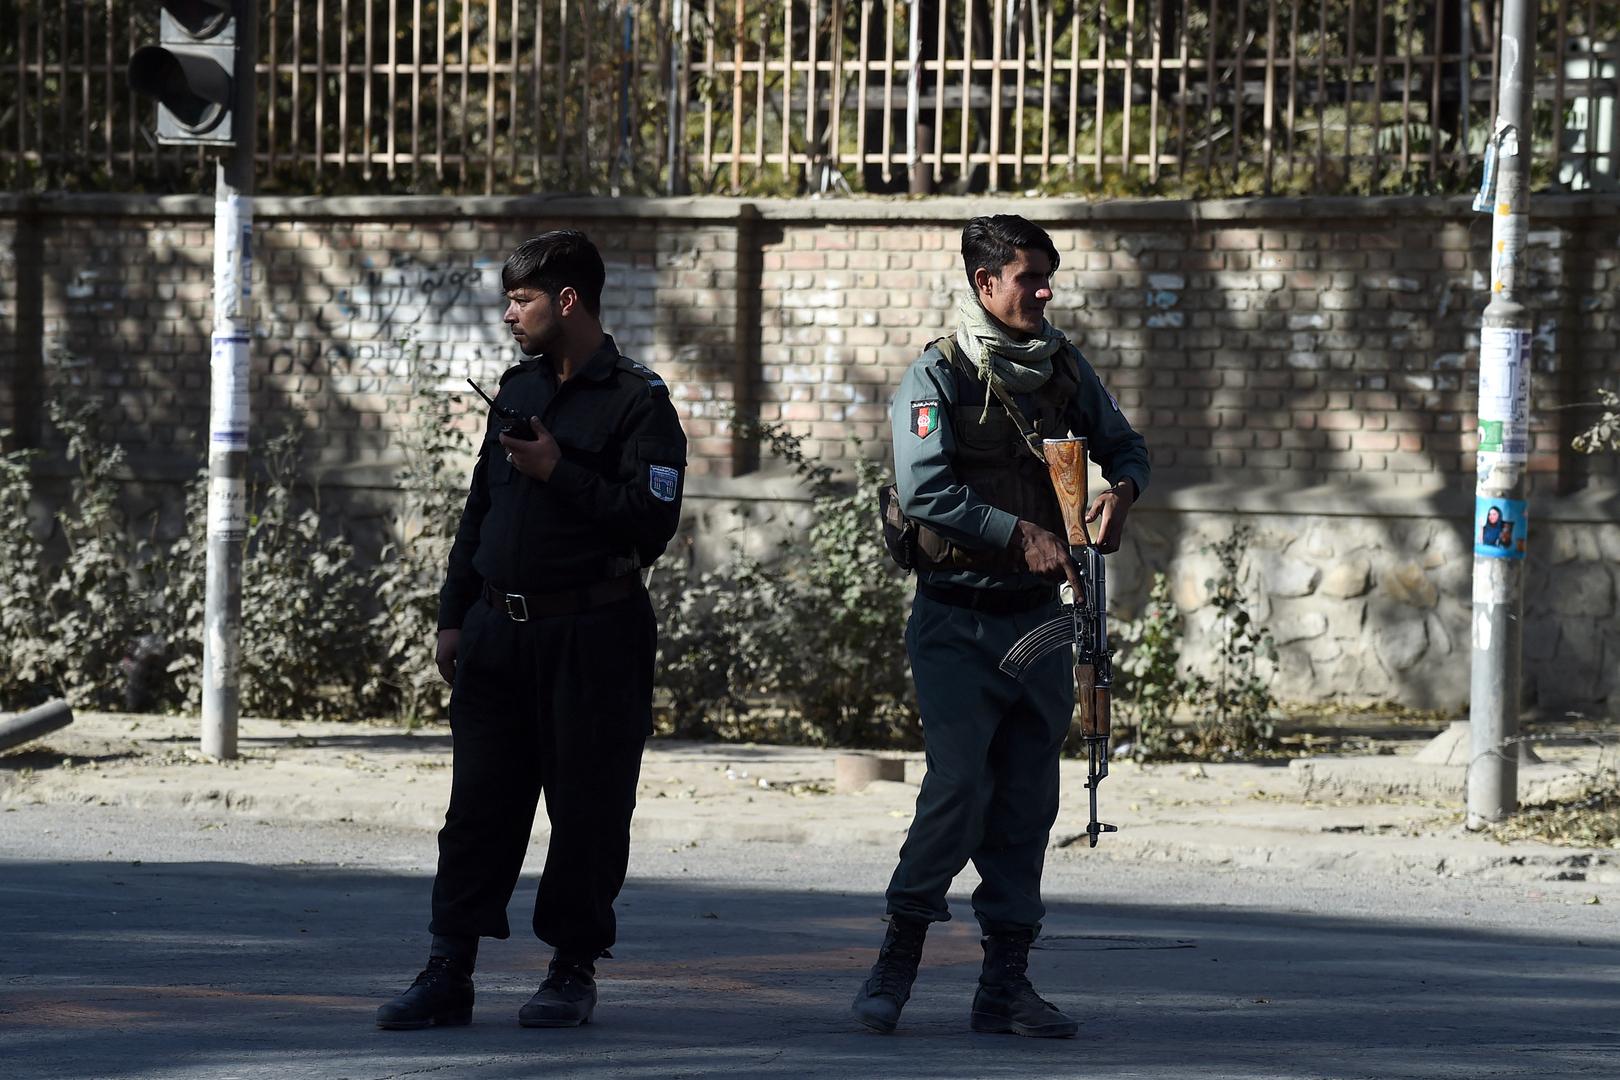 مصرع شخصين جراء انفجار سيارتين في كابل